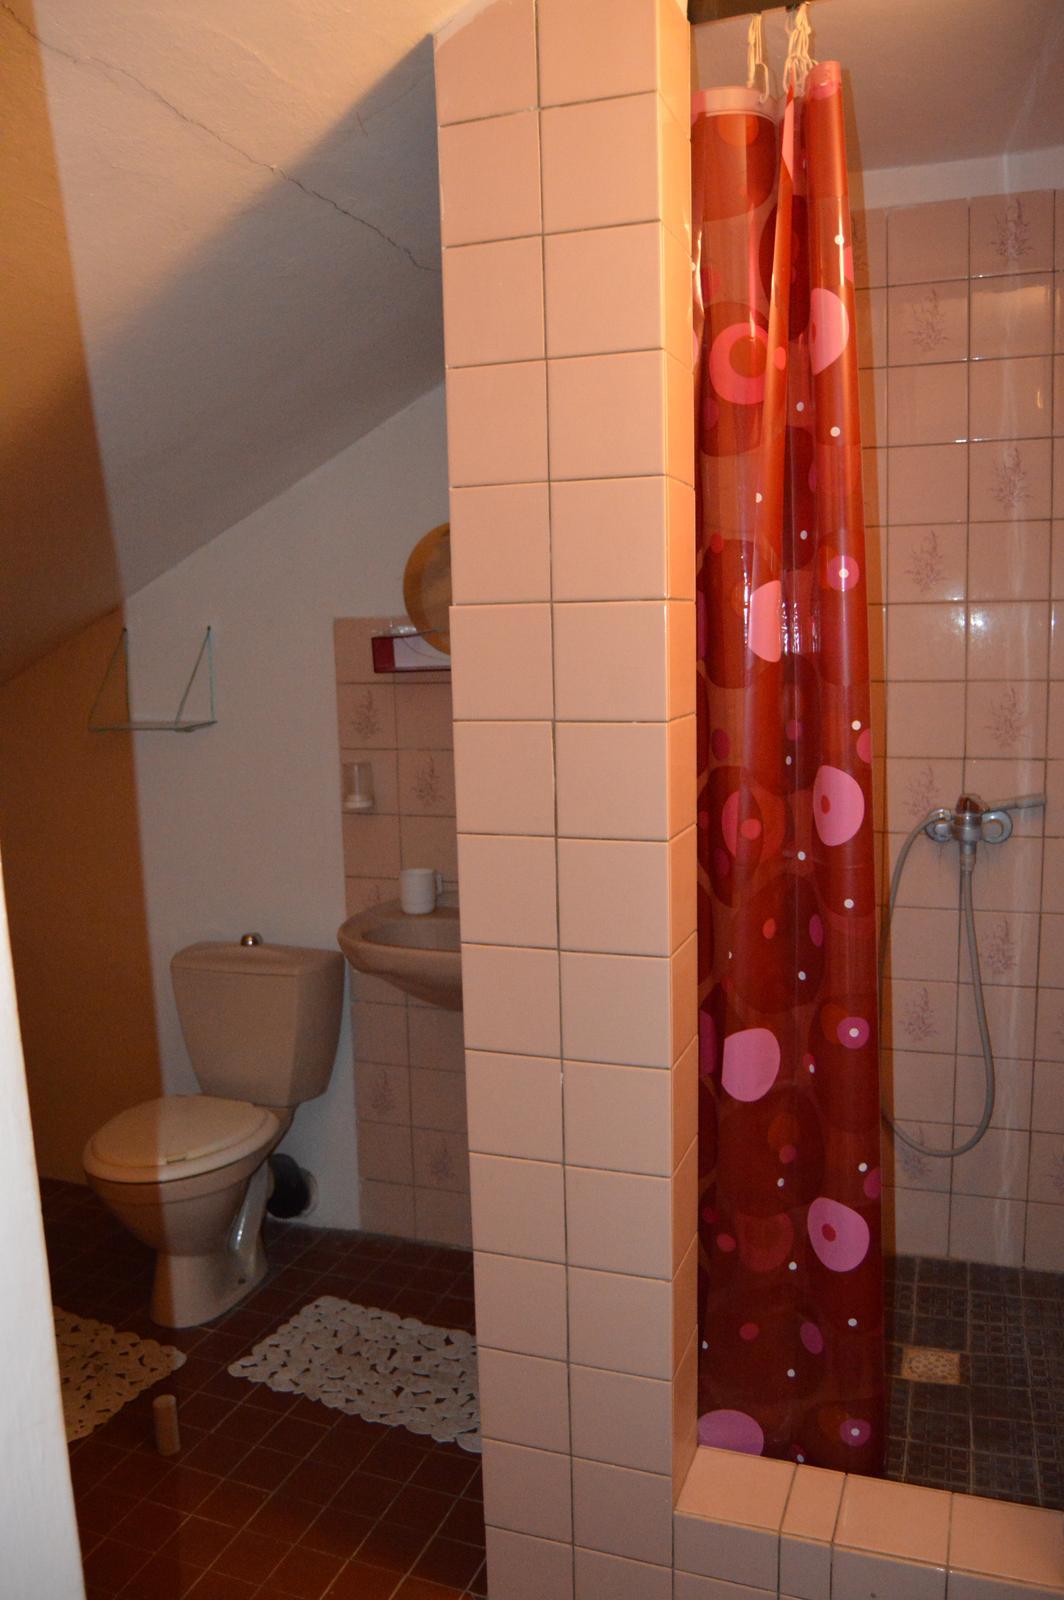 Naša rekonštrukcia - Kúpeľňa pre deti pôbodný stav - bŕŕŕ